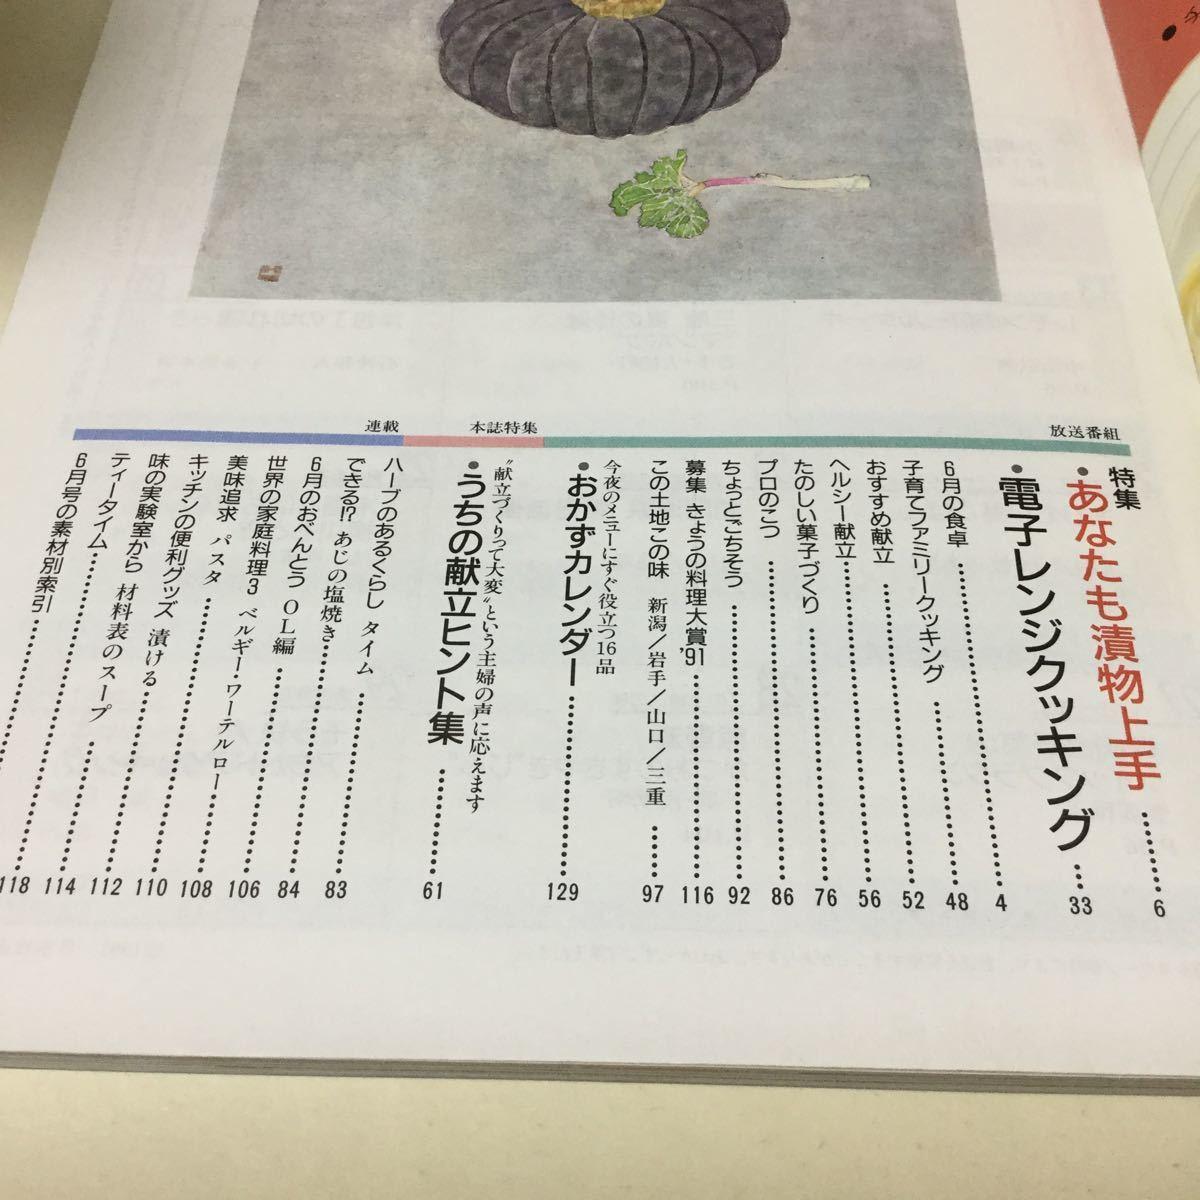 31 NHKきょうの料理 1991年6月号 料理本 料理 クッキング 弁当 夜ご飯 お弁当 おかず 作り置き レシピ レシピ本 漬物 和食 _画像9